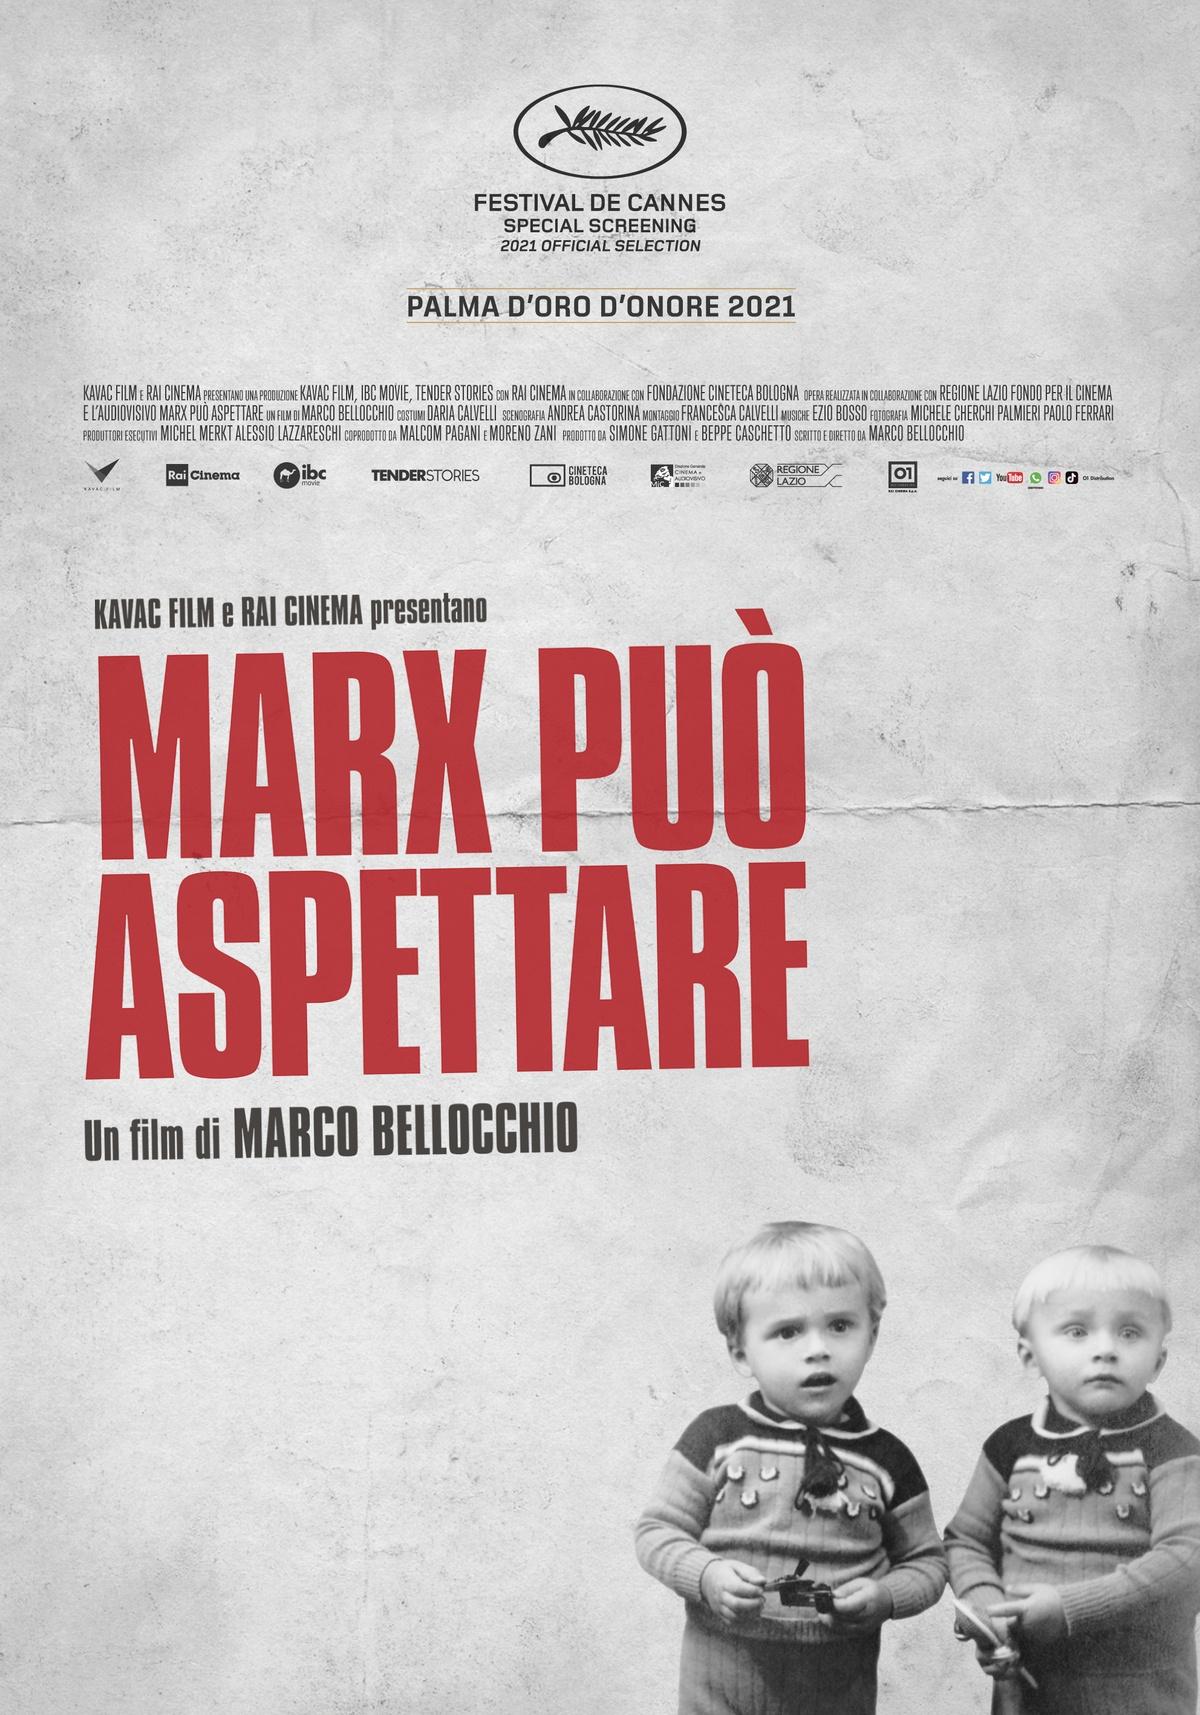 Film in uscita: Marx può aspettare